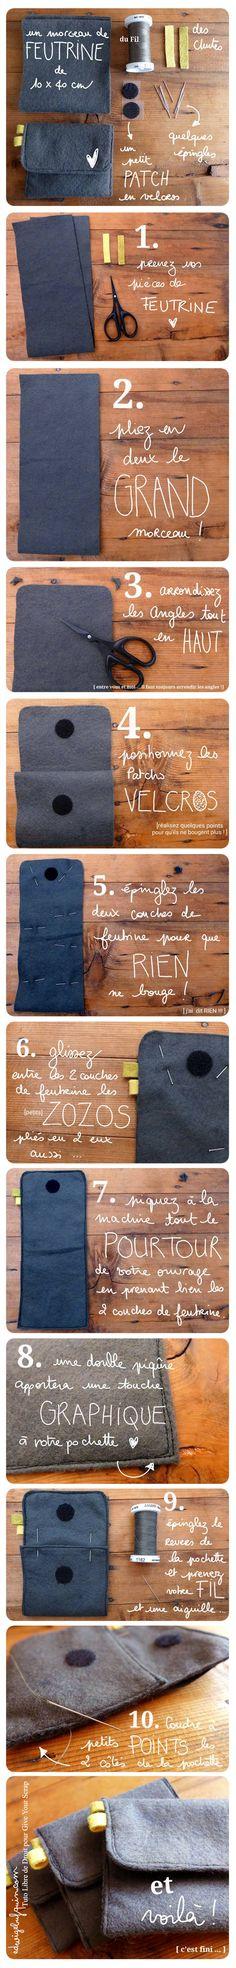 Tuto porte-cartes Edwige Bufquin pour la Cravate Solidaire